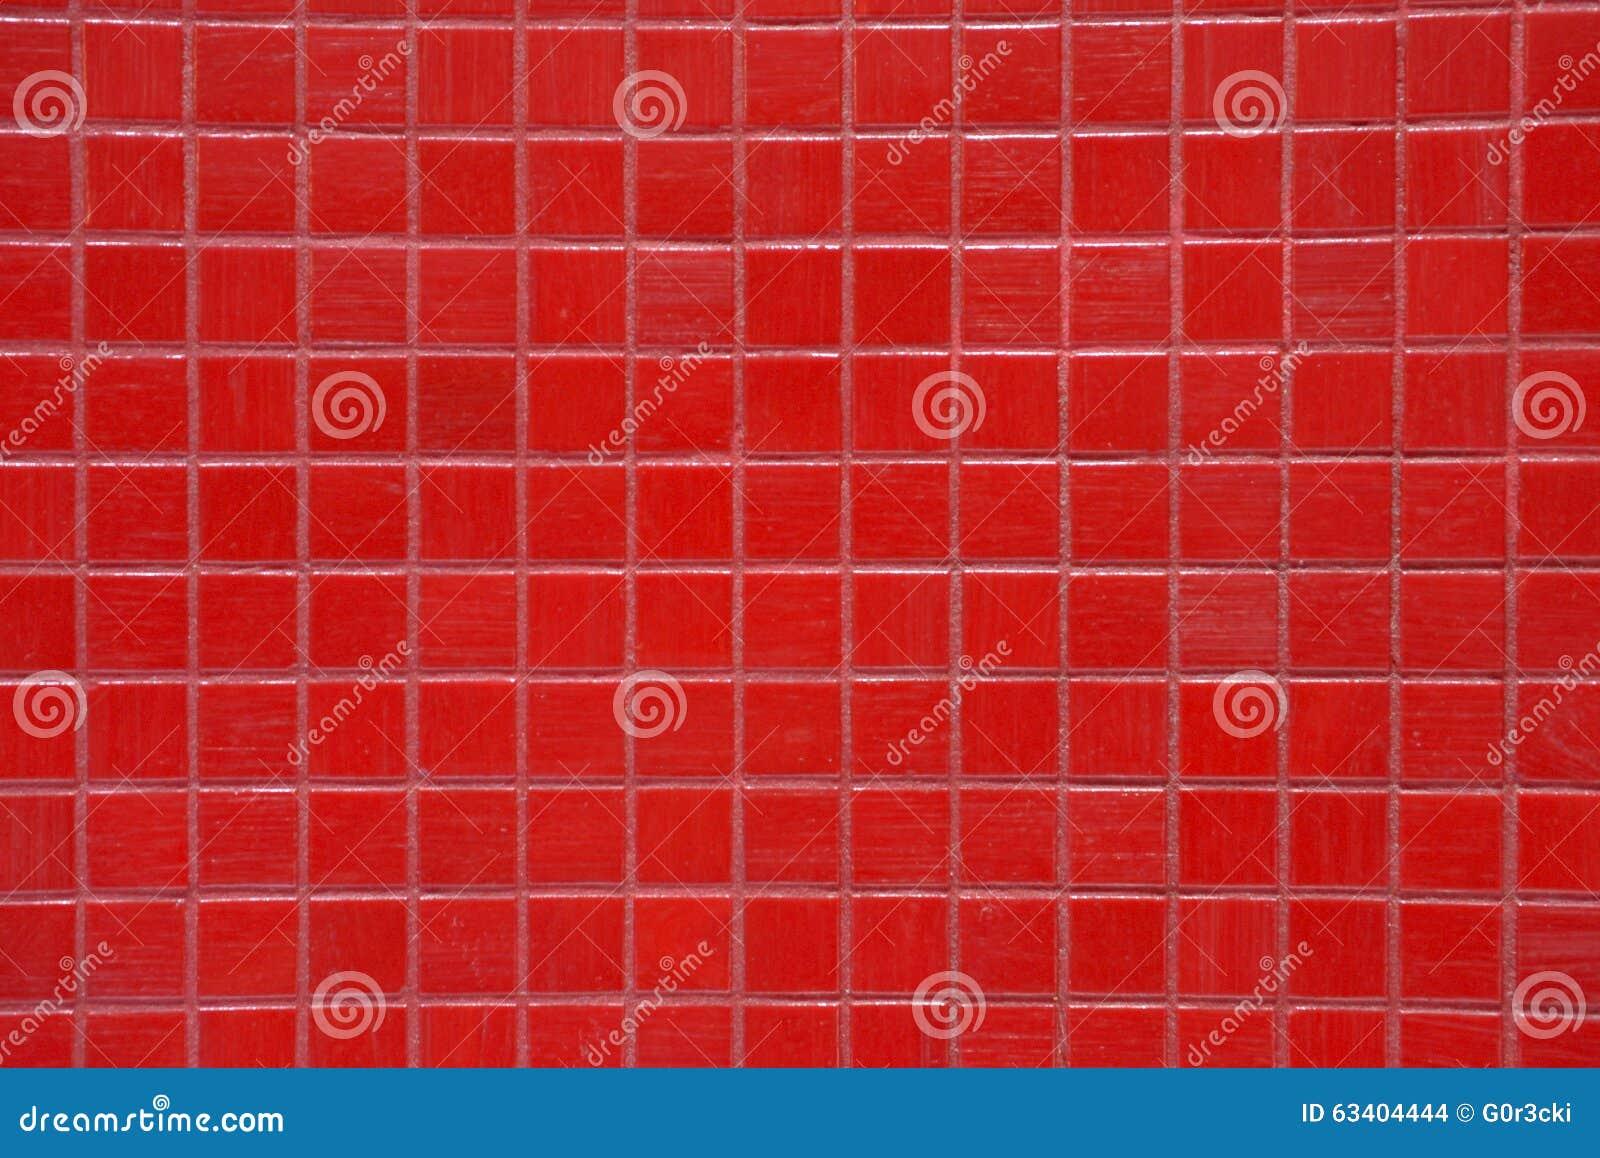 Beschaffenheiten - Badezimmer-glänzende Rote Fliesen, Bunt ...